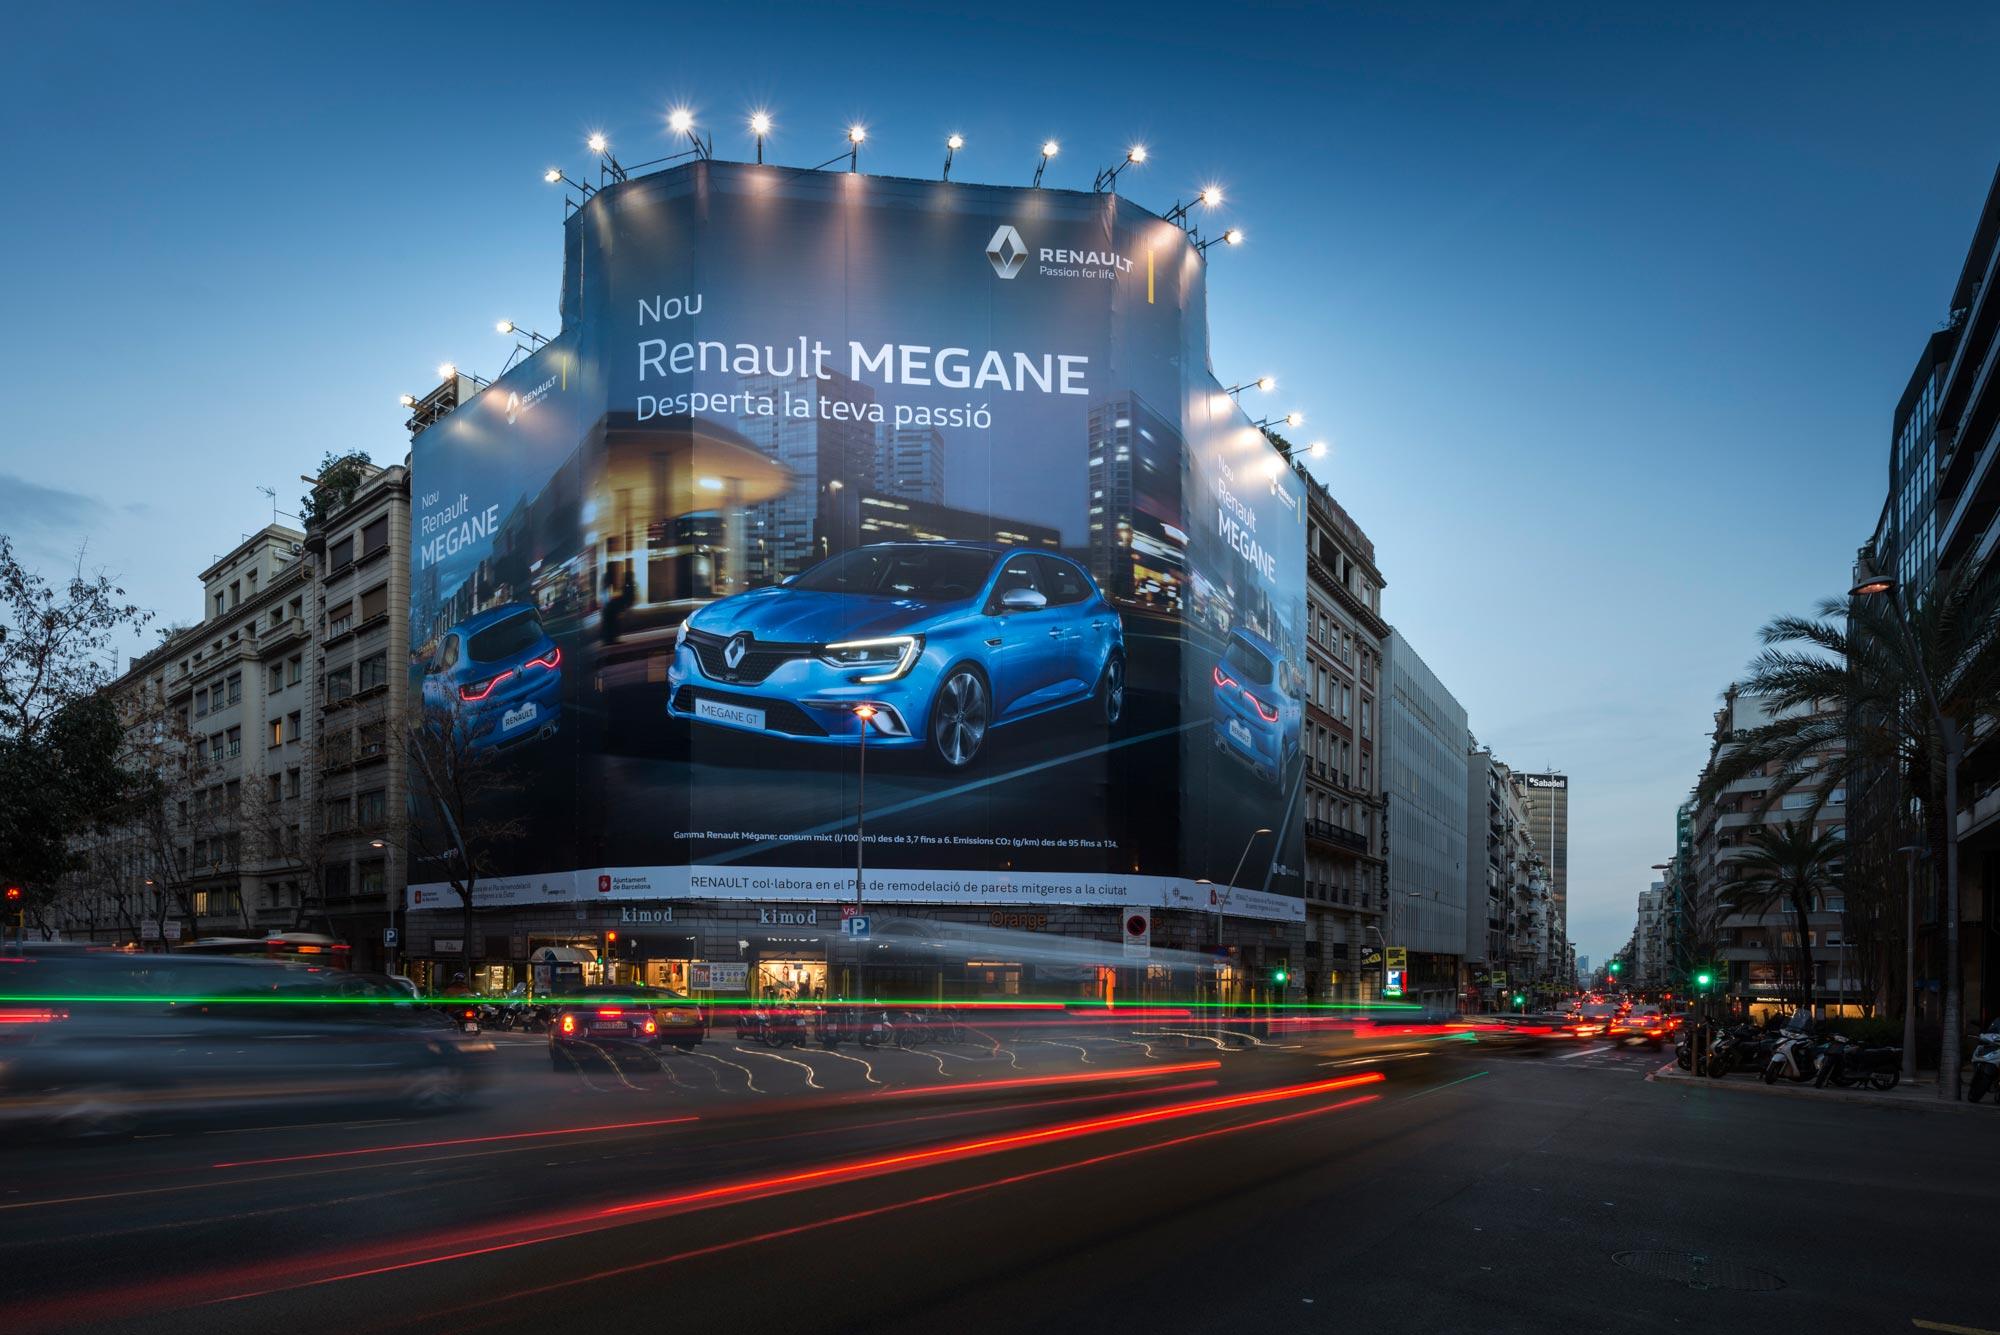 lona-publicitaria-barcelona-balmes-206-renault-megane-noche-vsa-comunicacion